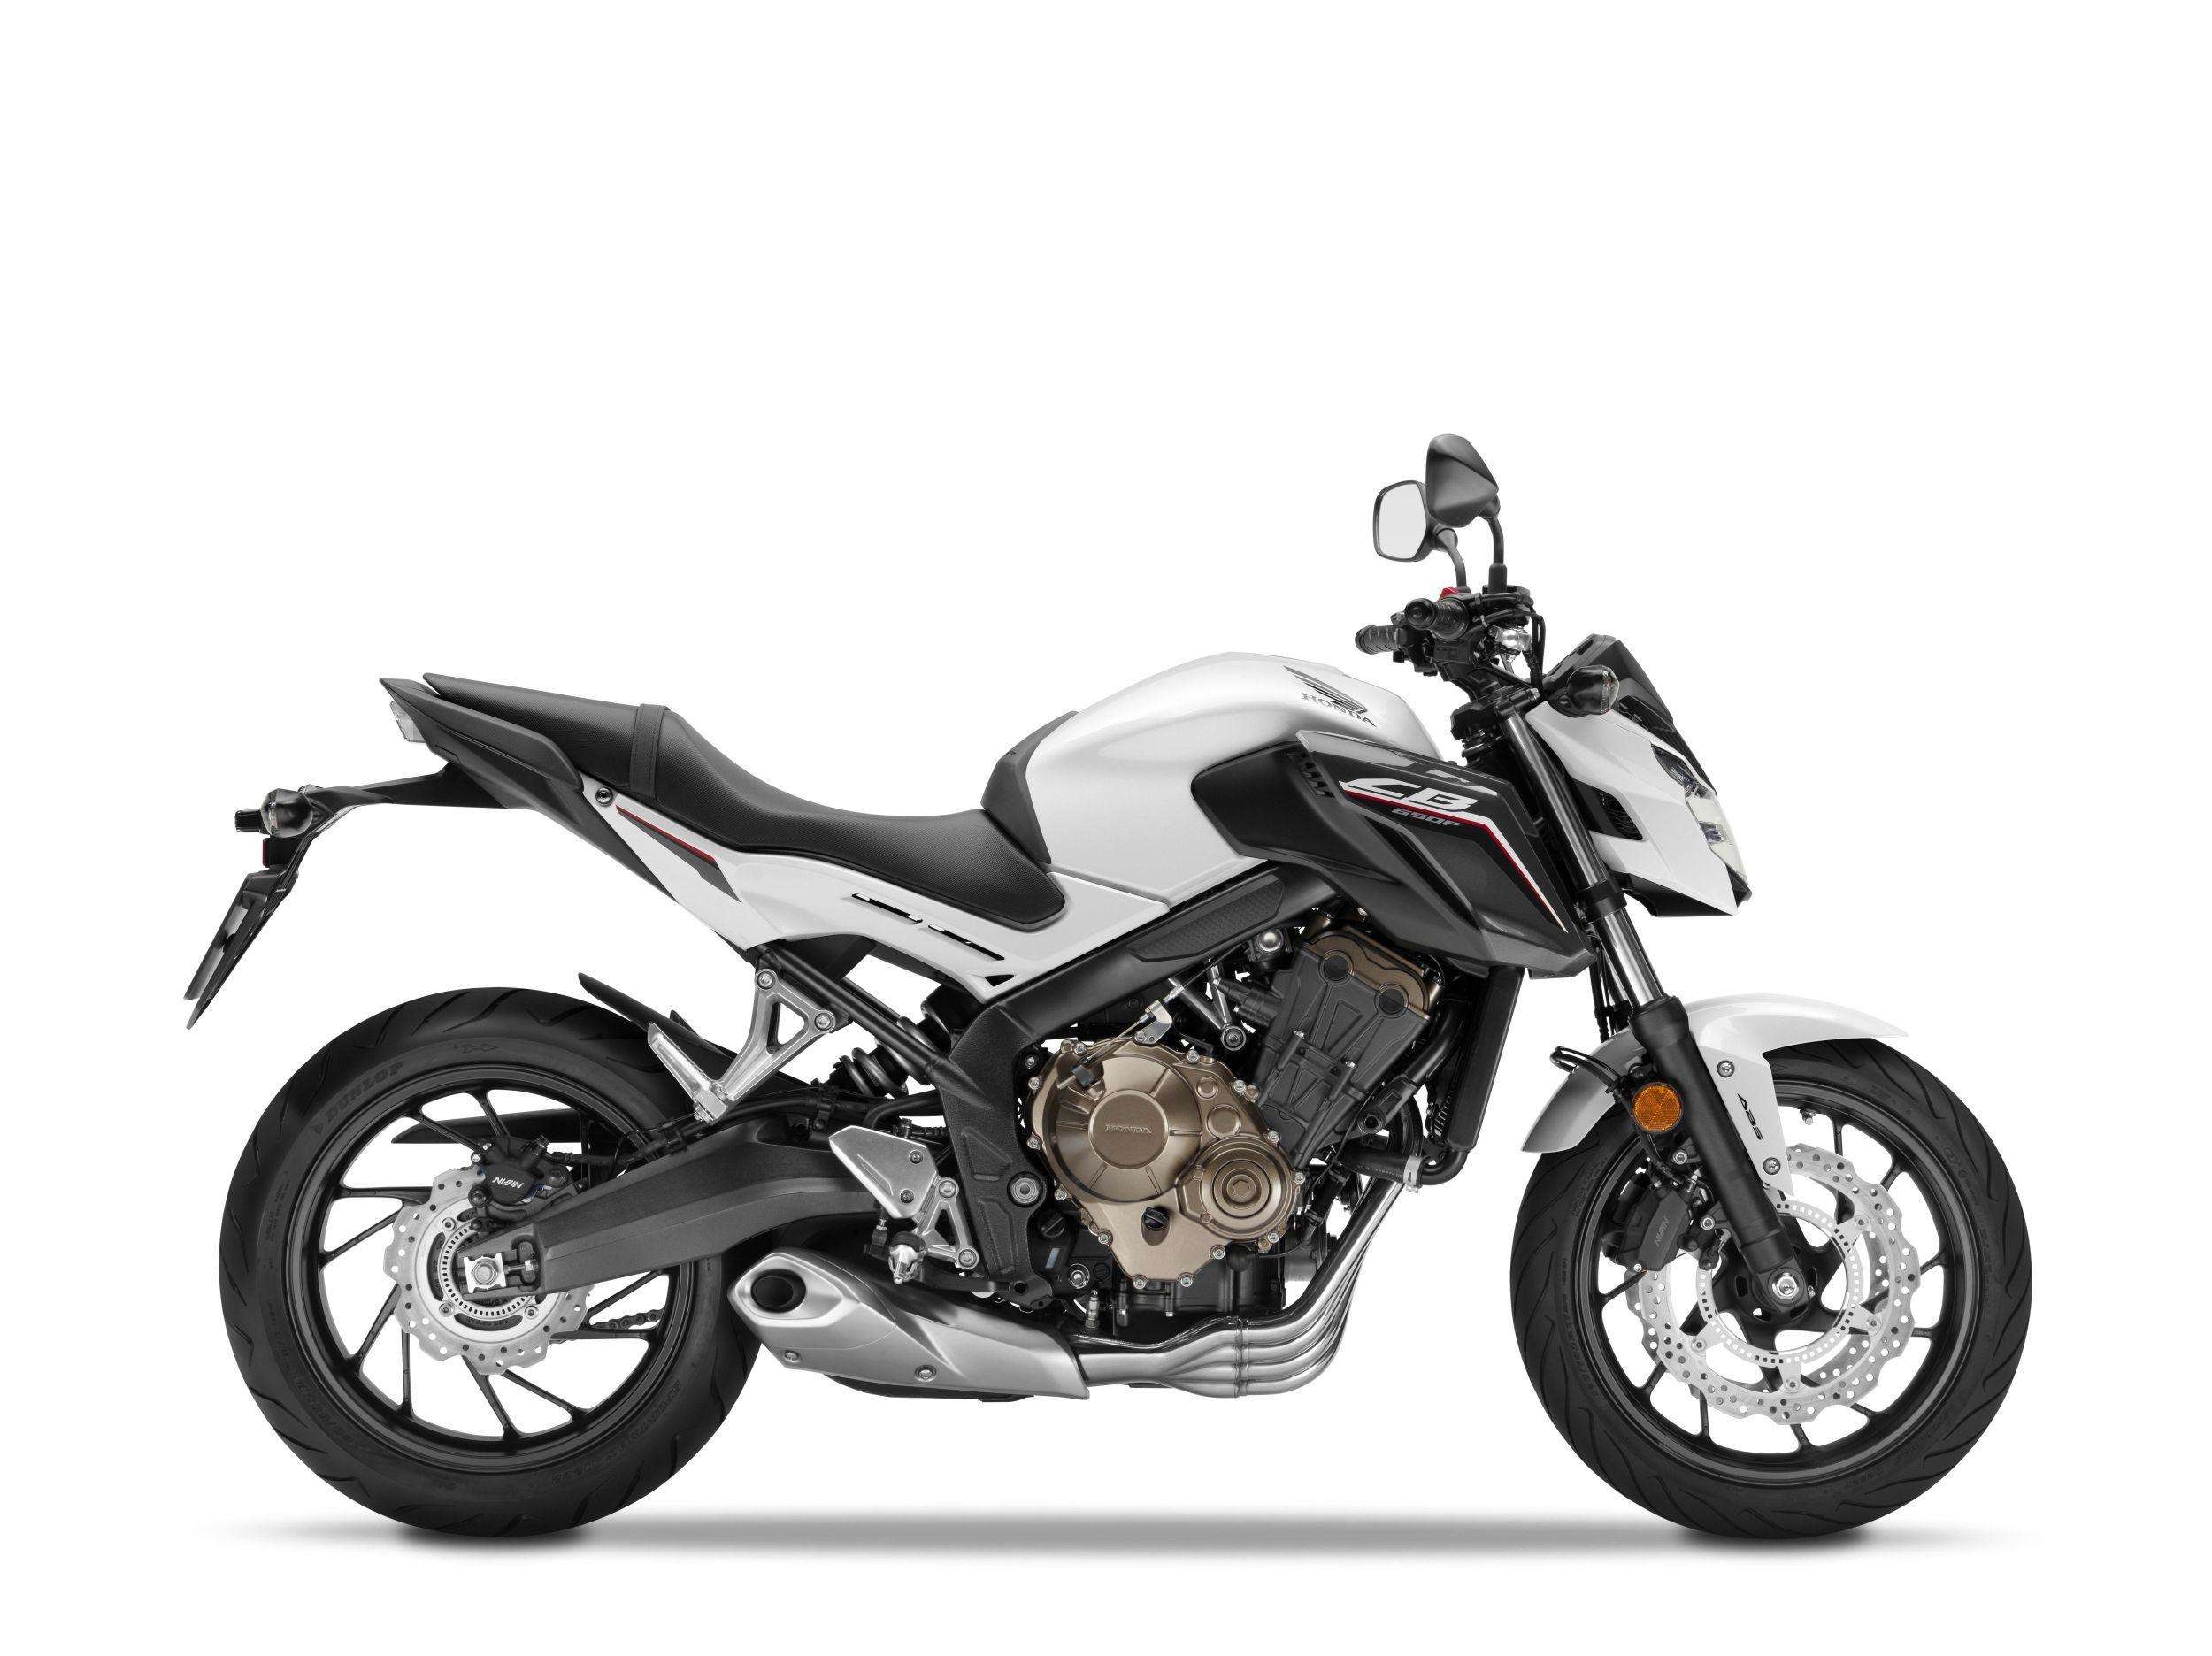 Gebrauchte Honda CB650F Motorrader Kaufen